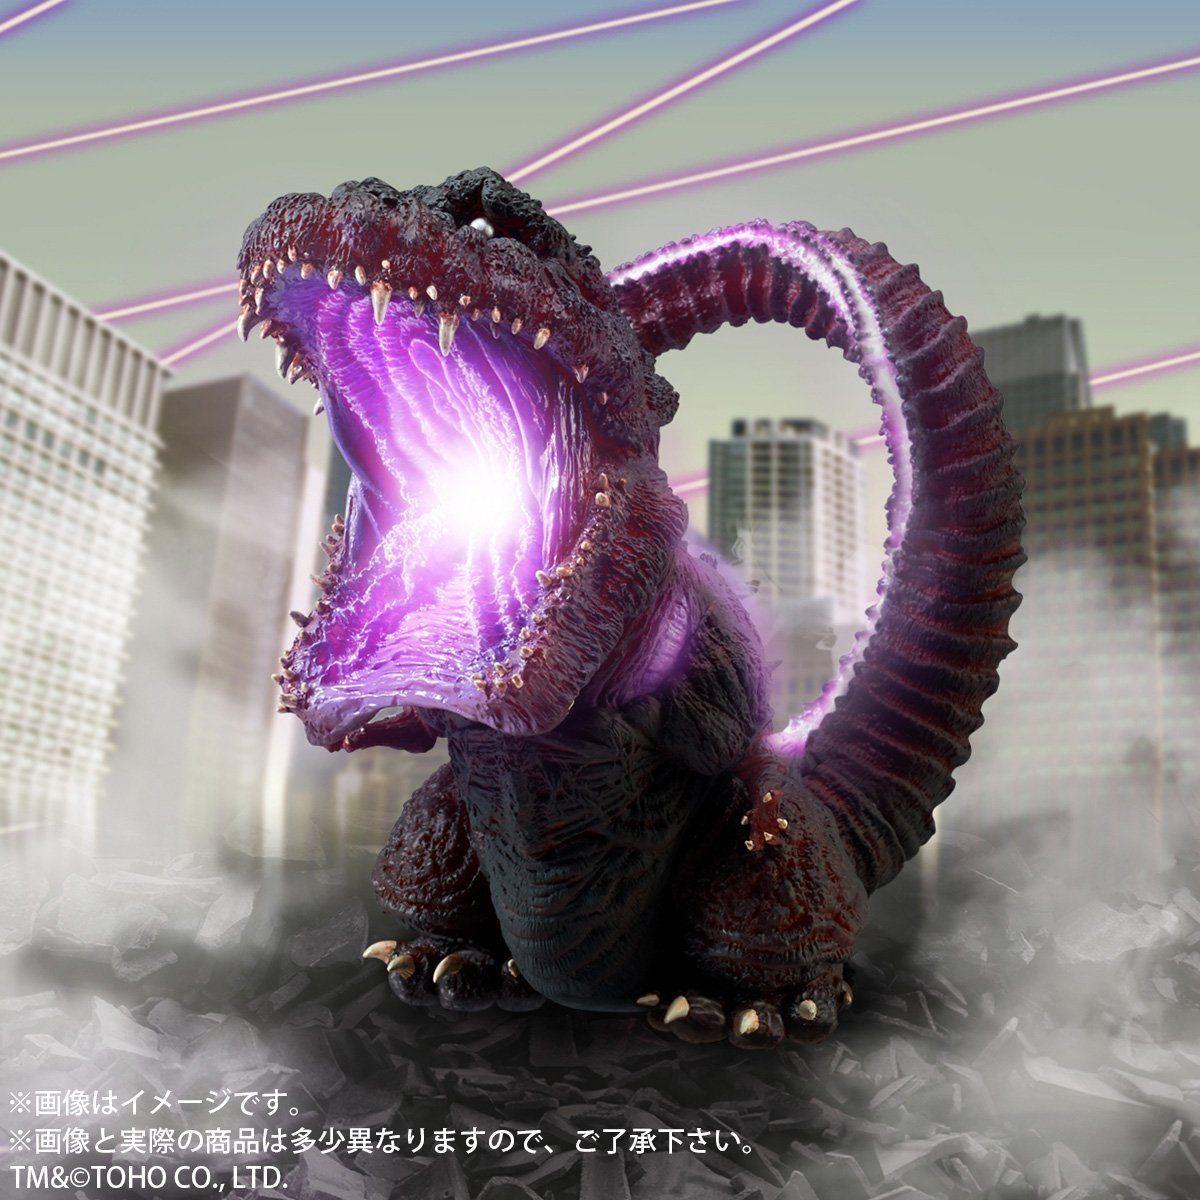 デフォリアル『ゴジラ(2016)覚醒発光Ver.』完成品フィギュア-006